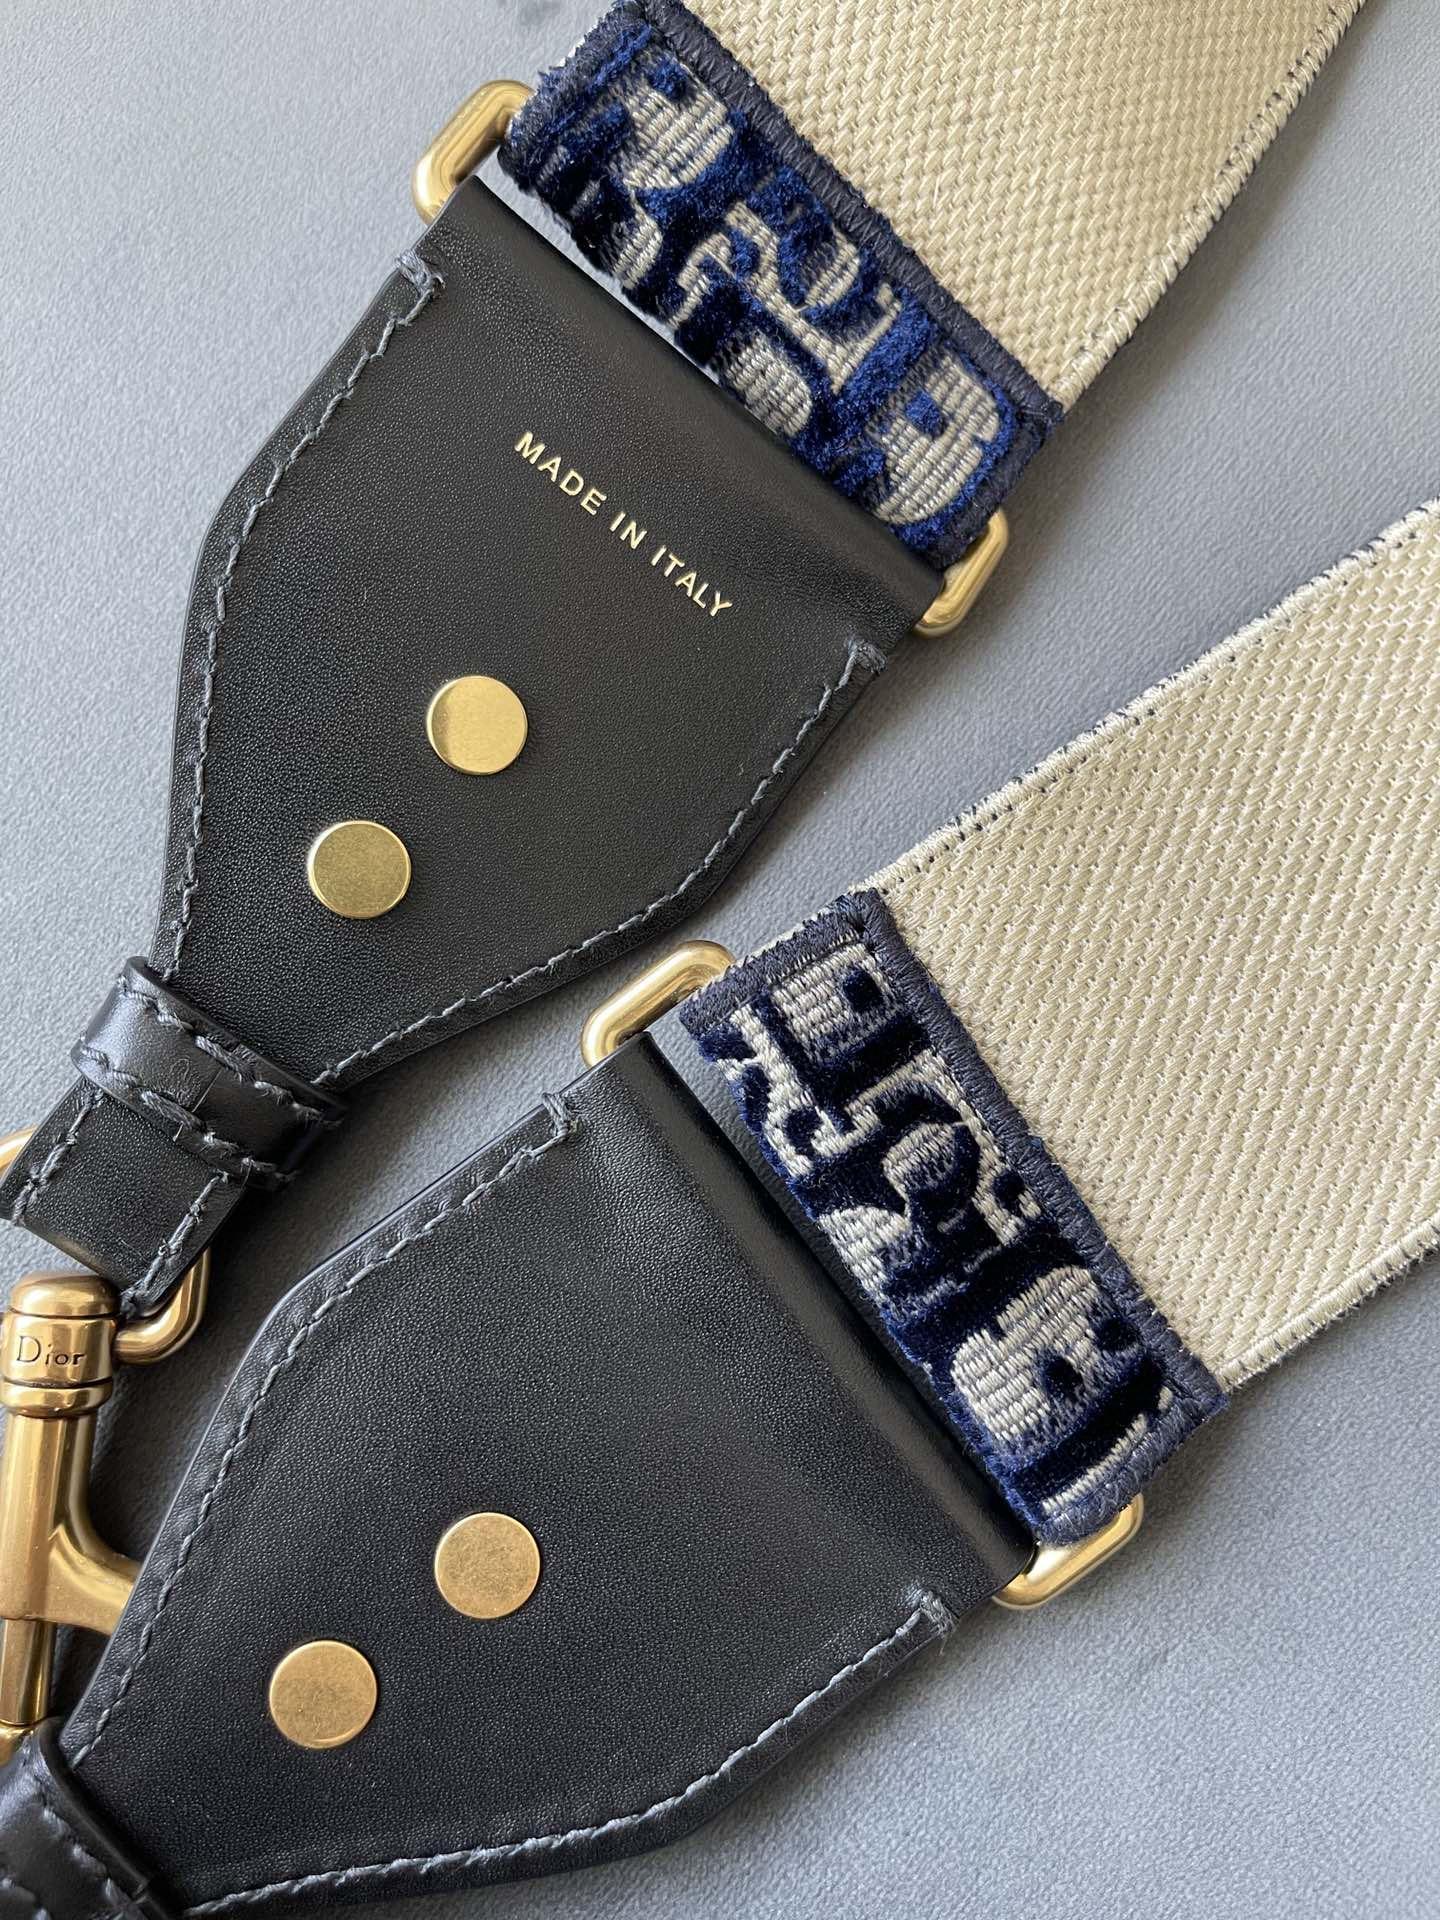 Dior 迪奥 丝绒蓝肩带 丝绒材质 高级简约